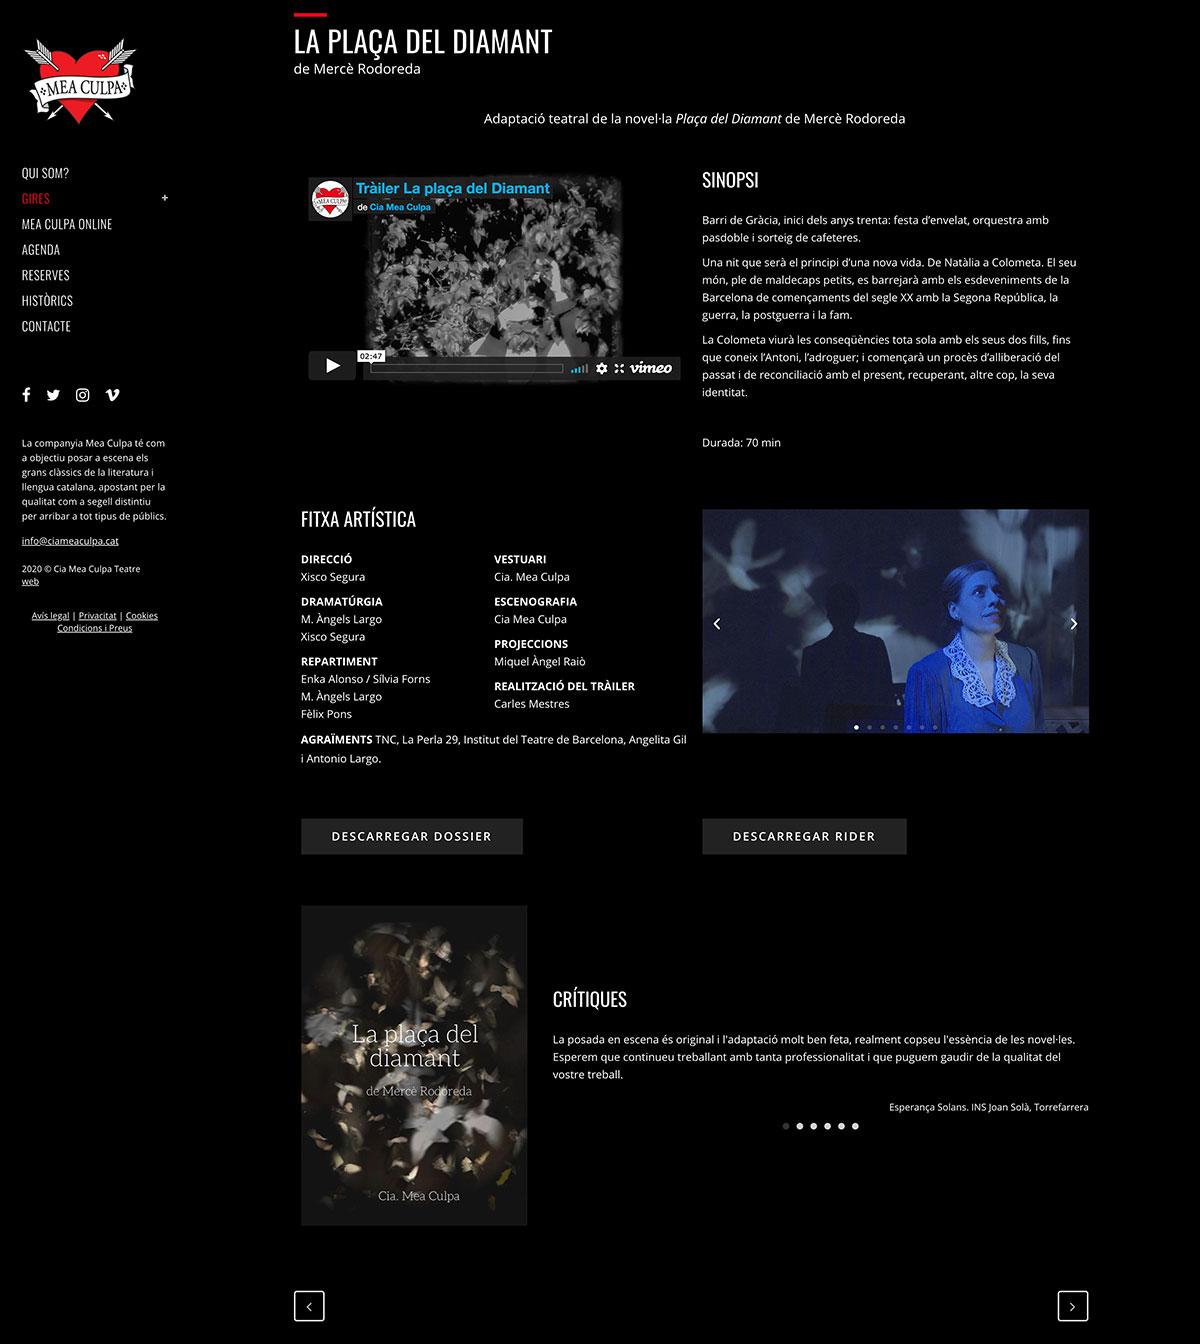 Cia Mea Culpa ★ Compañía de teatro en catalán ★ Website